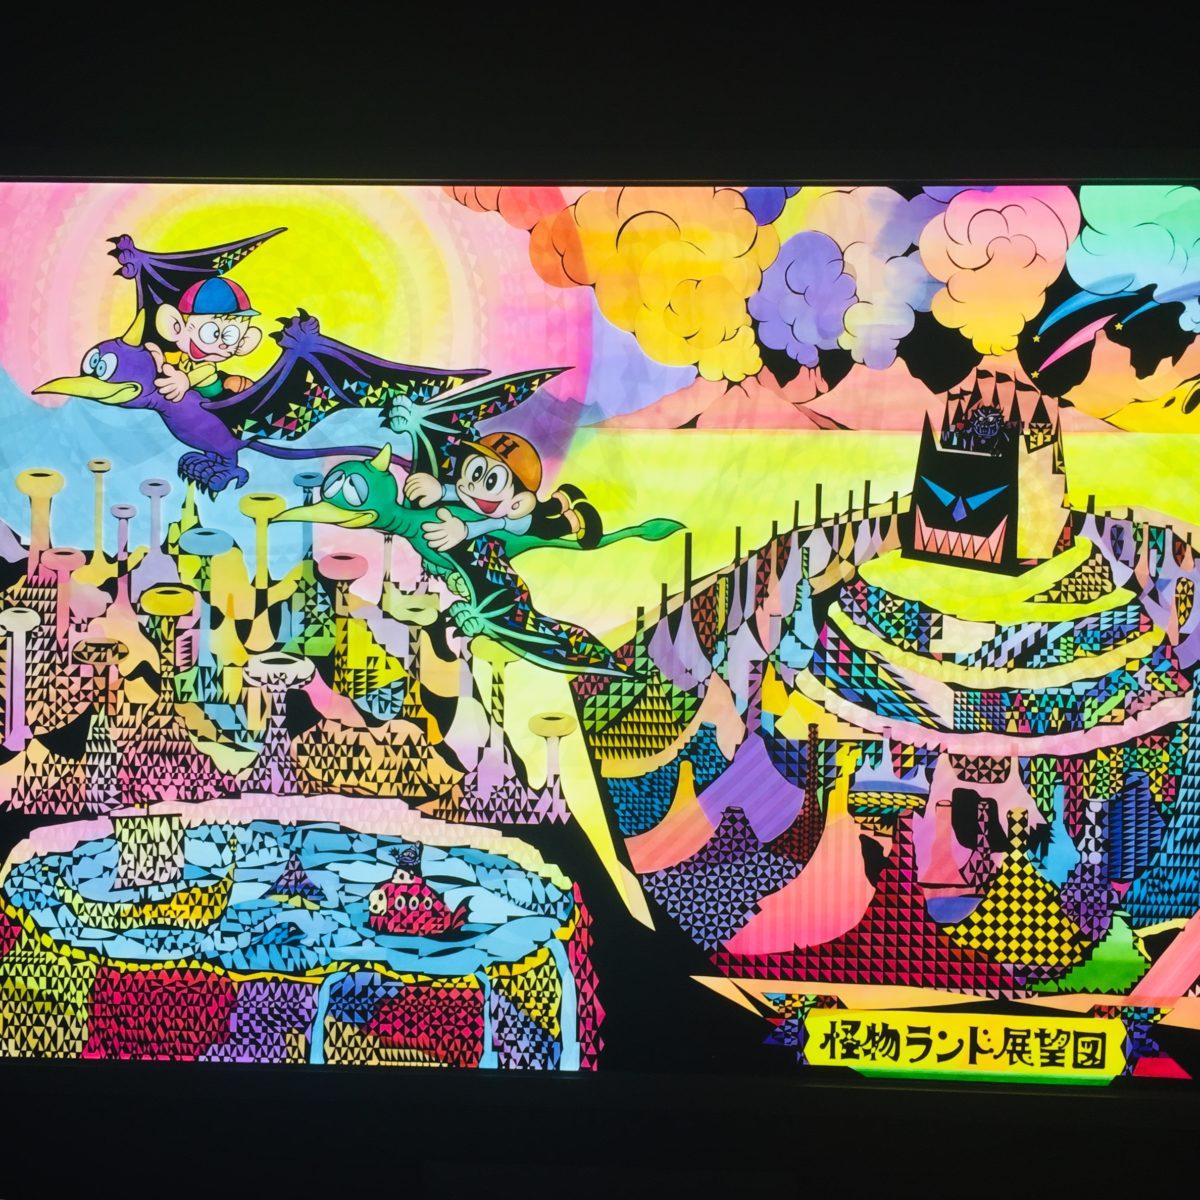 影絵アーティスト河野里美さんによるステンドグラスでできた怪物ランドへの招待状